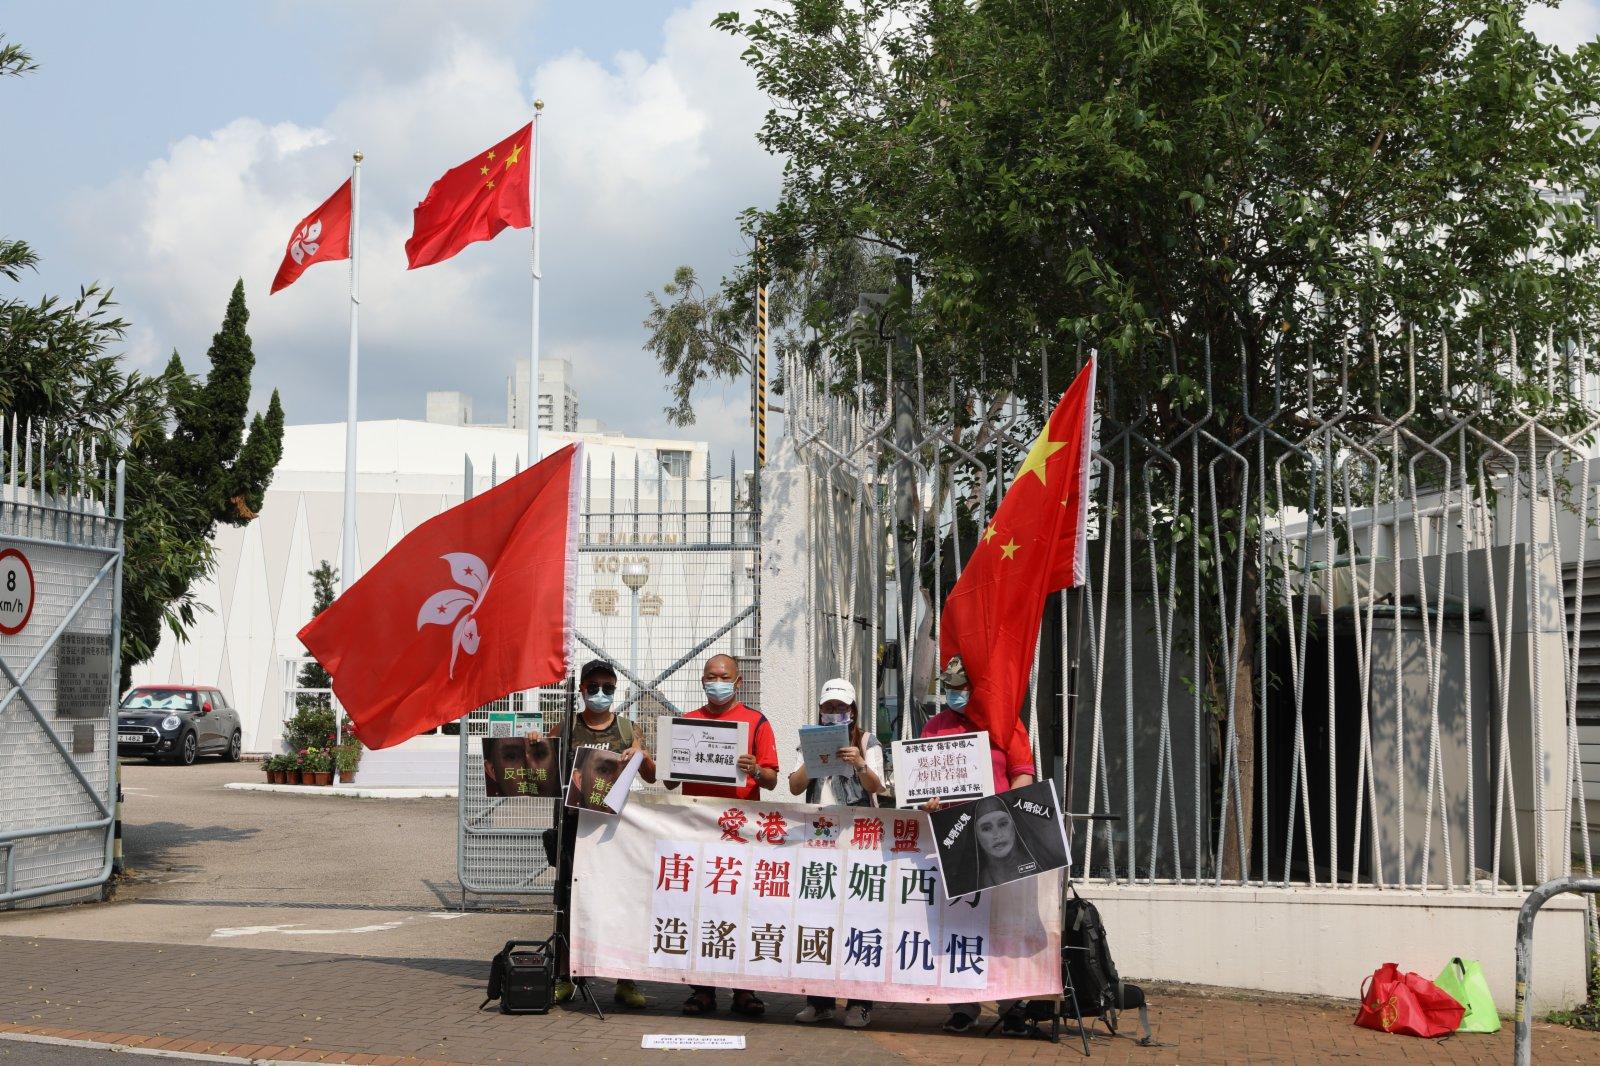 愛港聯盟要求,港台嚴懲唐若韫,將她革職以警效尤。(大公文匯全媒體記者李斯哲攝)